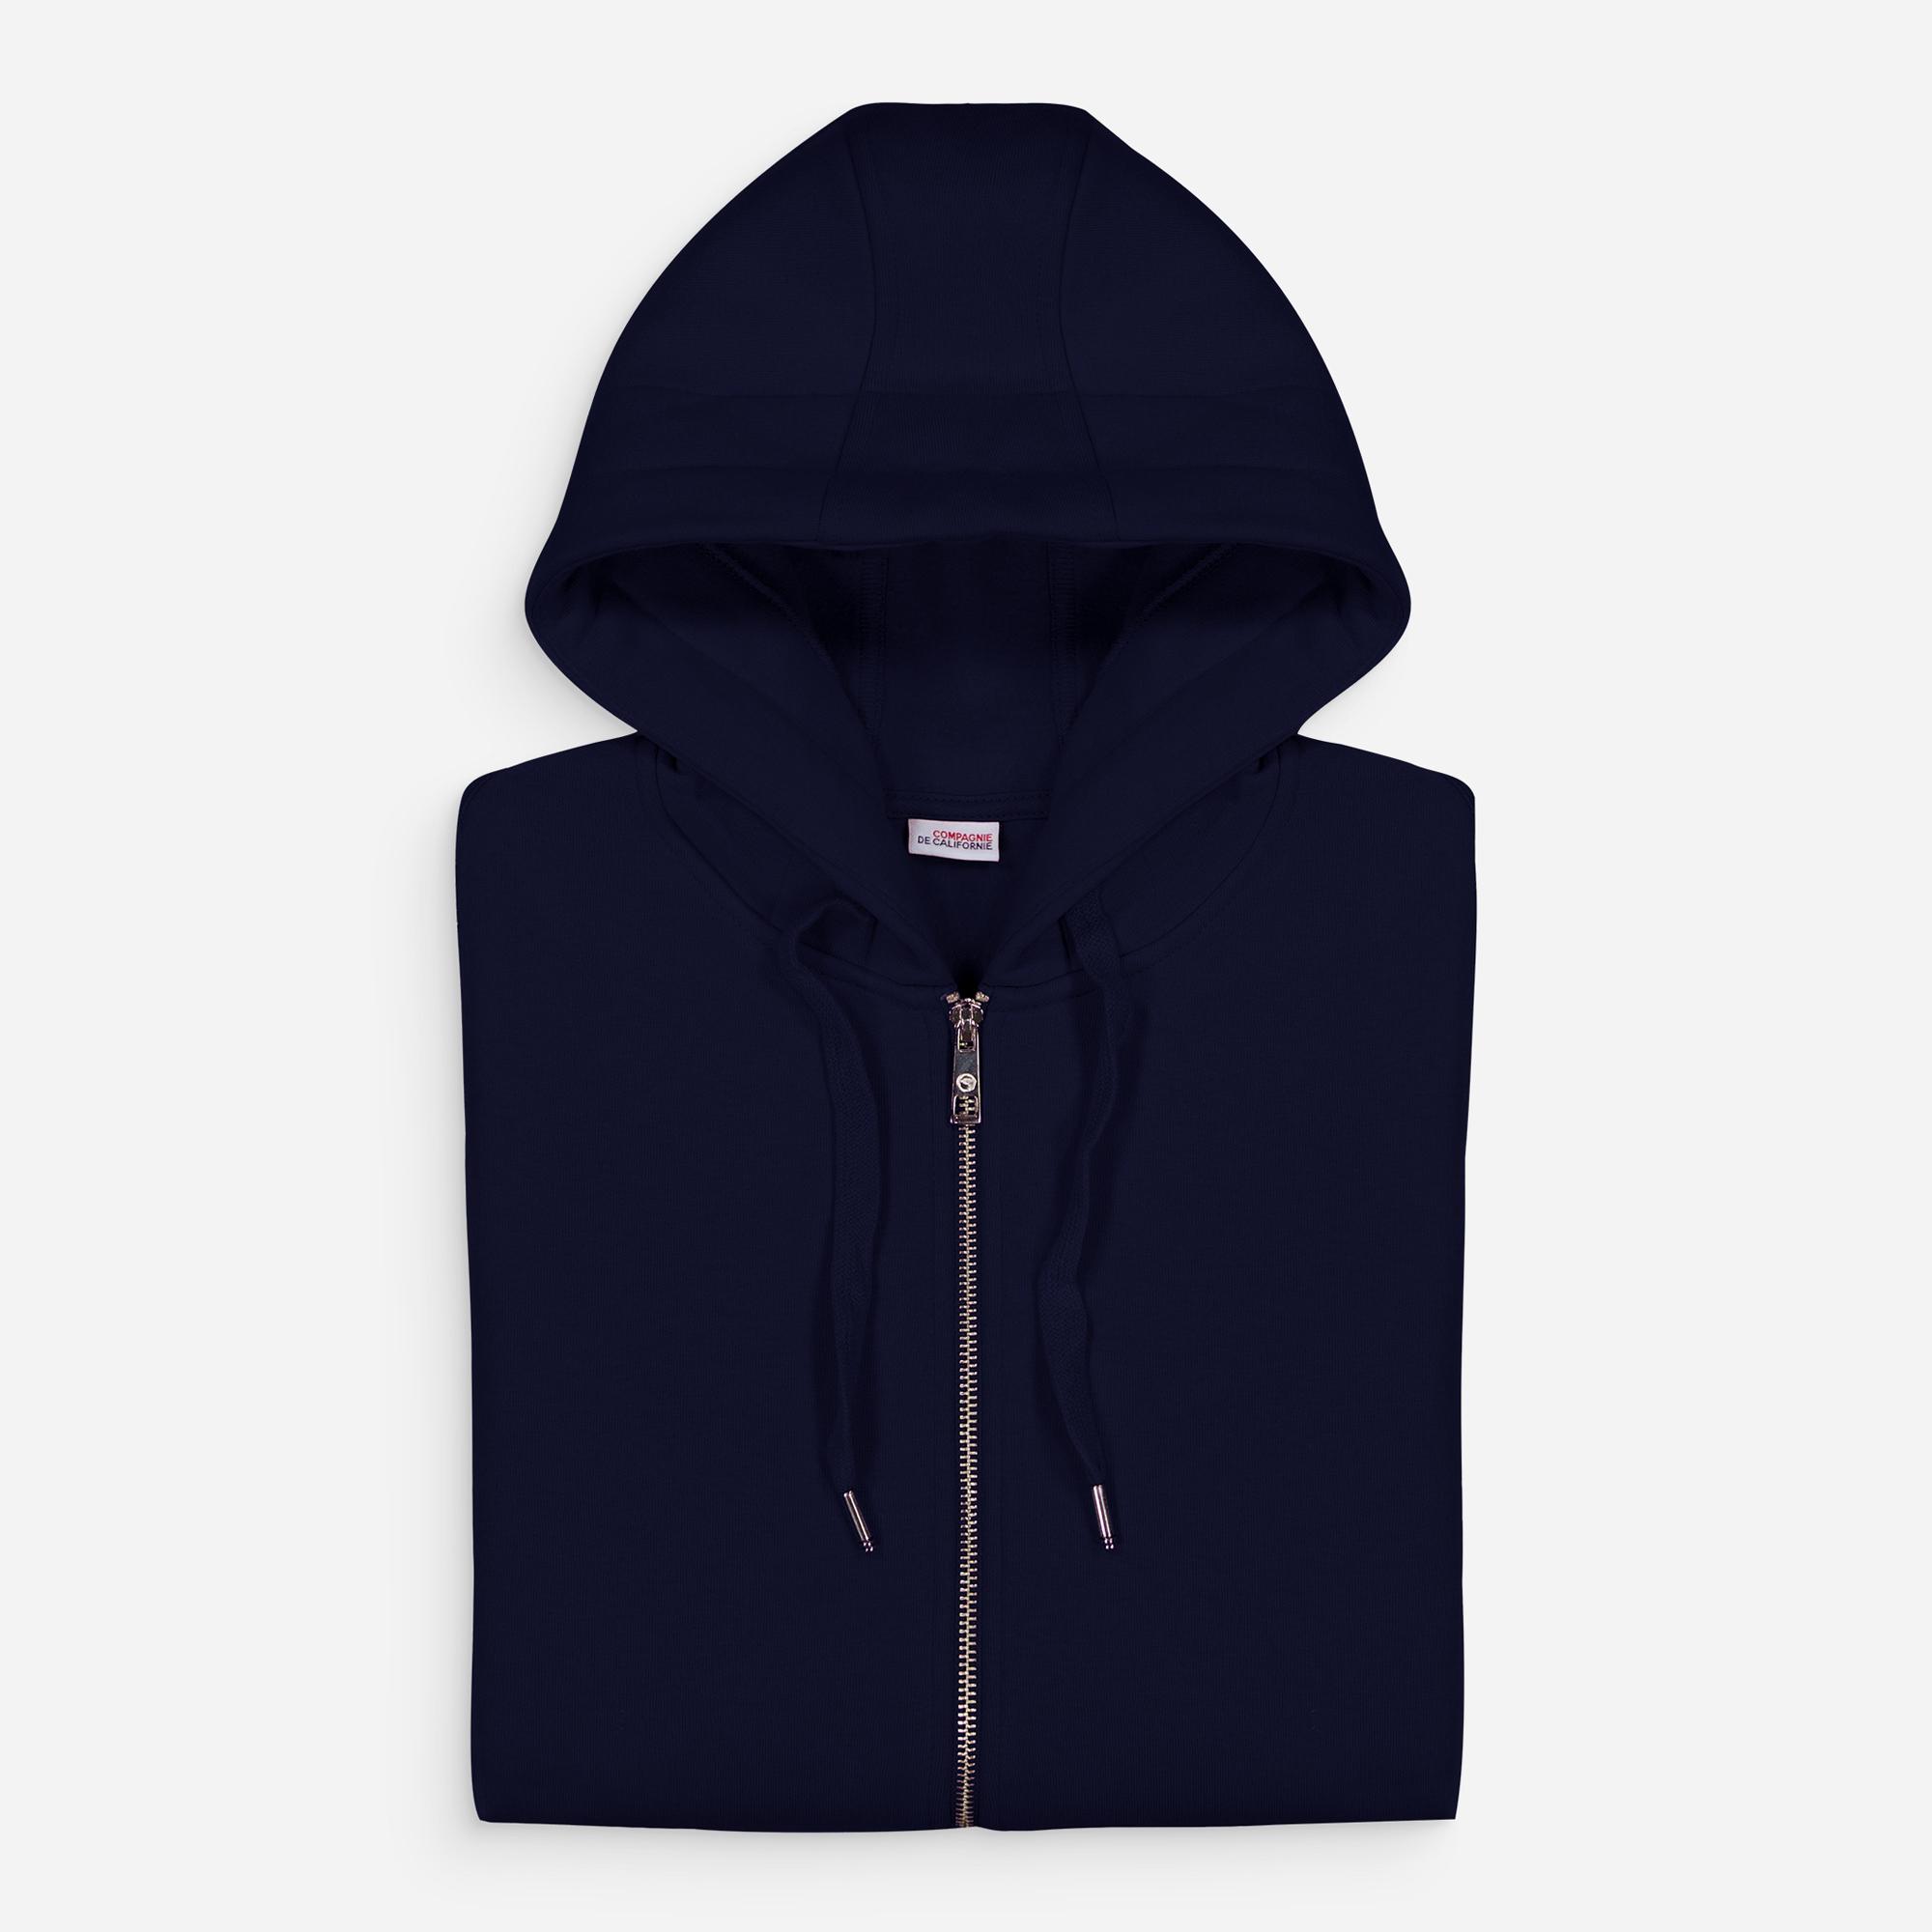 new cupertino hoodie zip navy